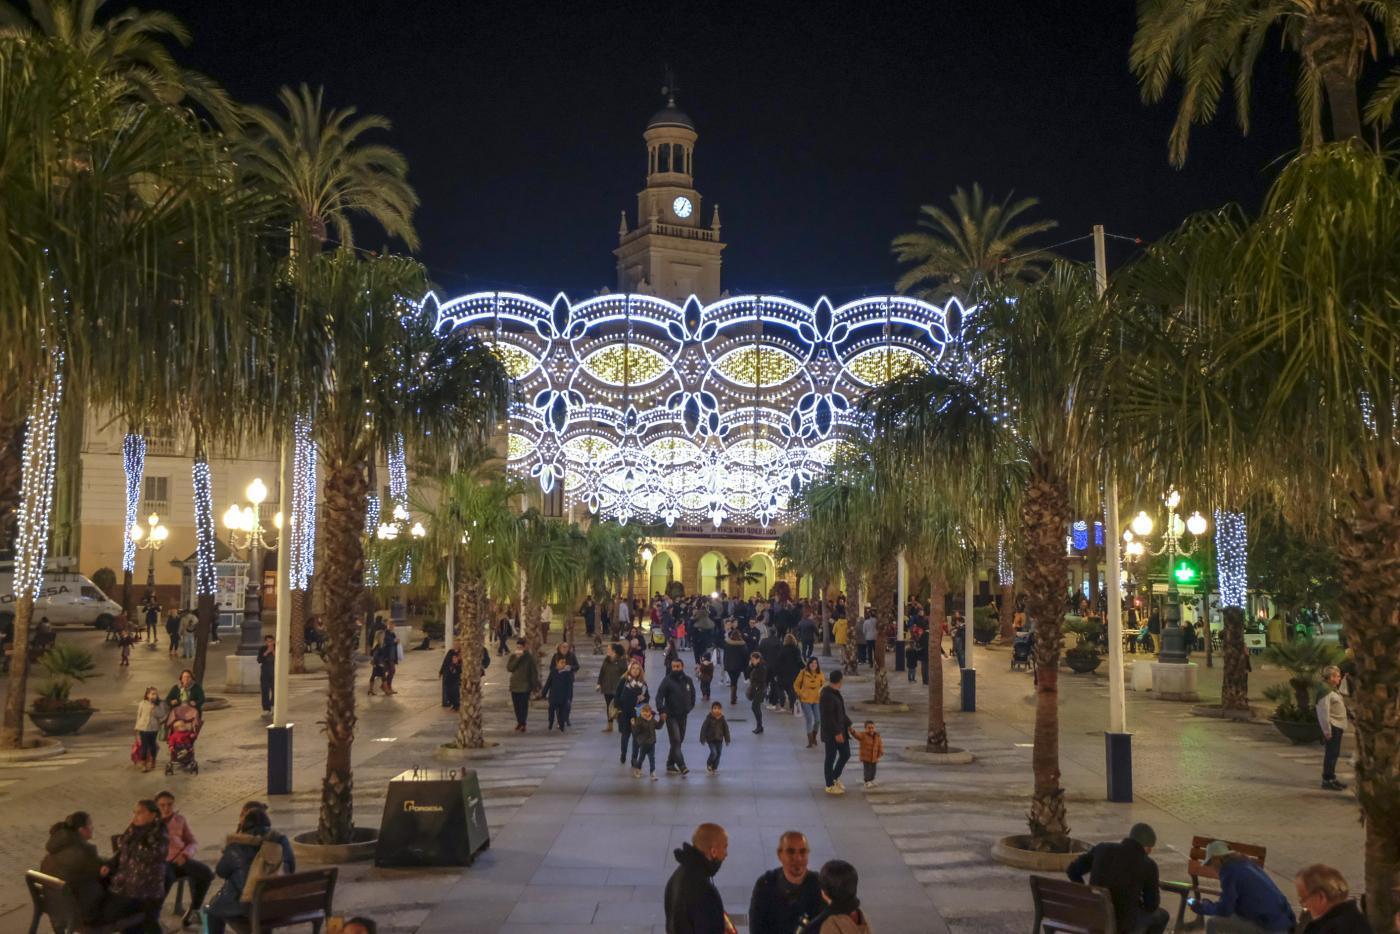 La inauguración del alumbrado de Navidad de Cádiz se hará el 26 de noviembre